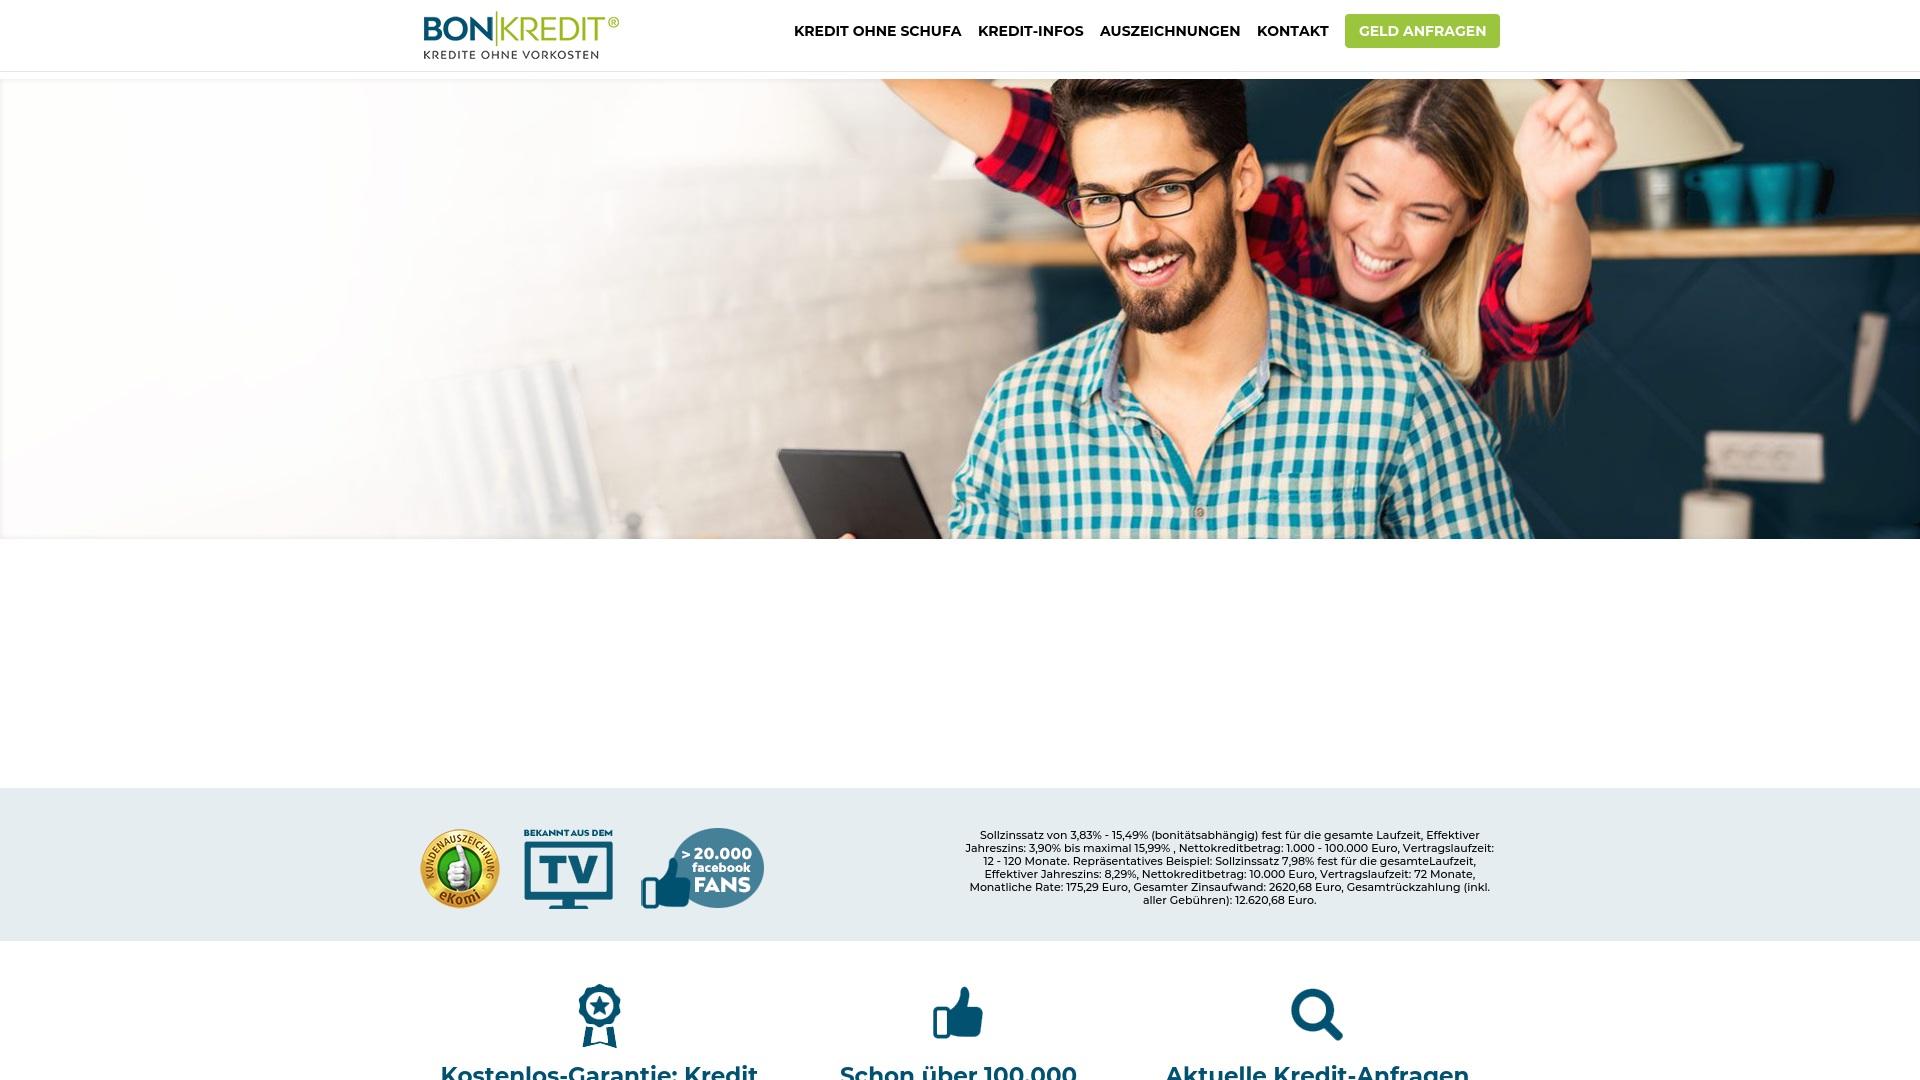 Gutschein für Bon-kredit: Rabatte für  Bon-kredit sichern